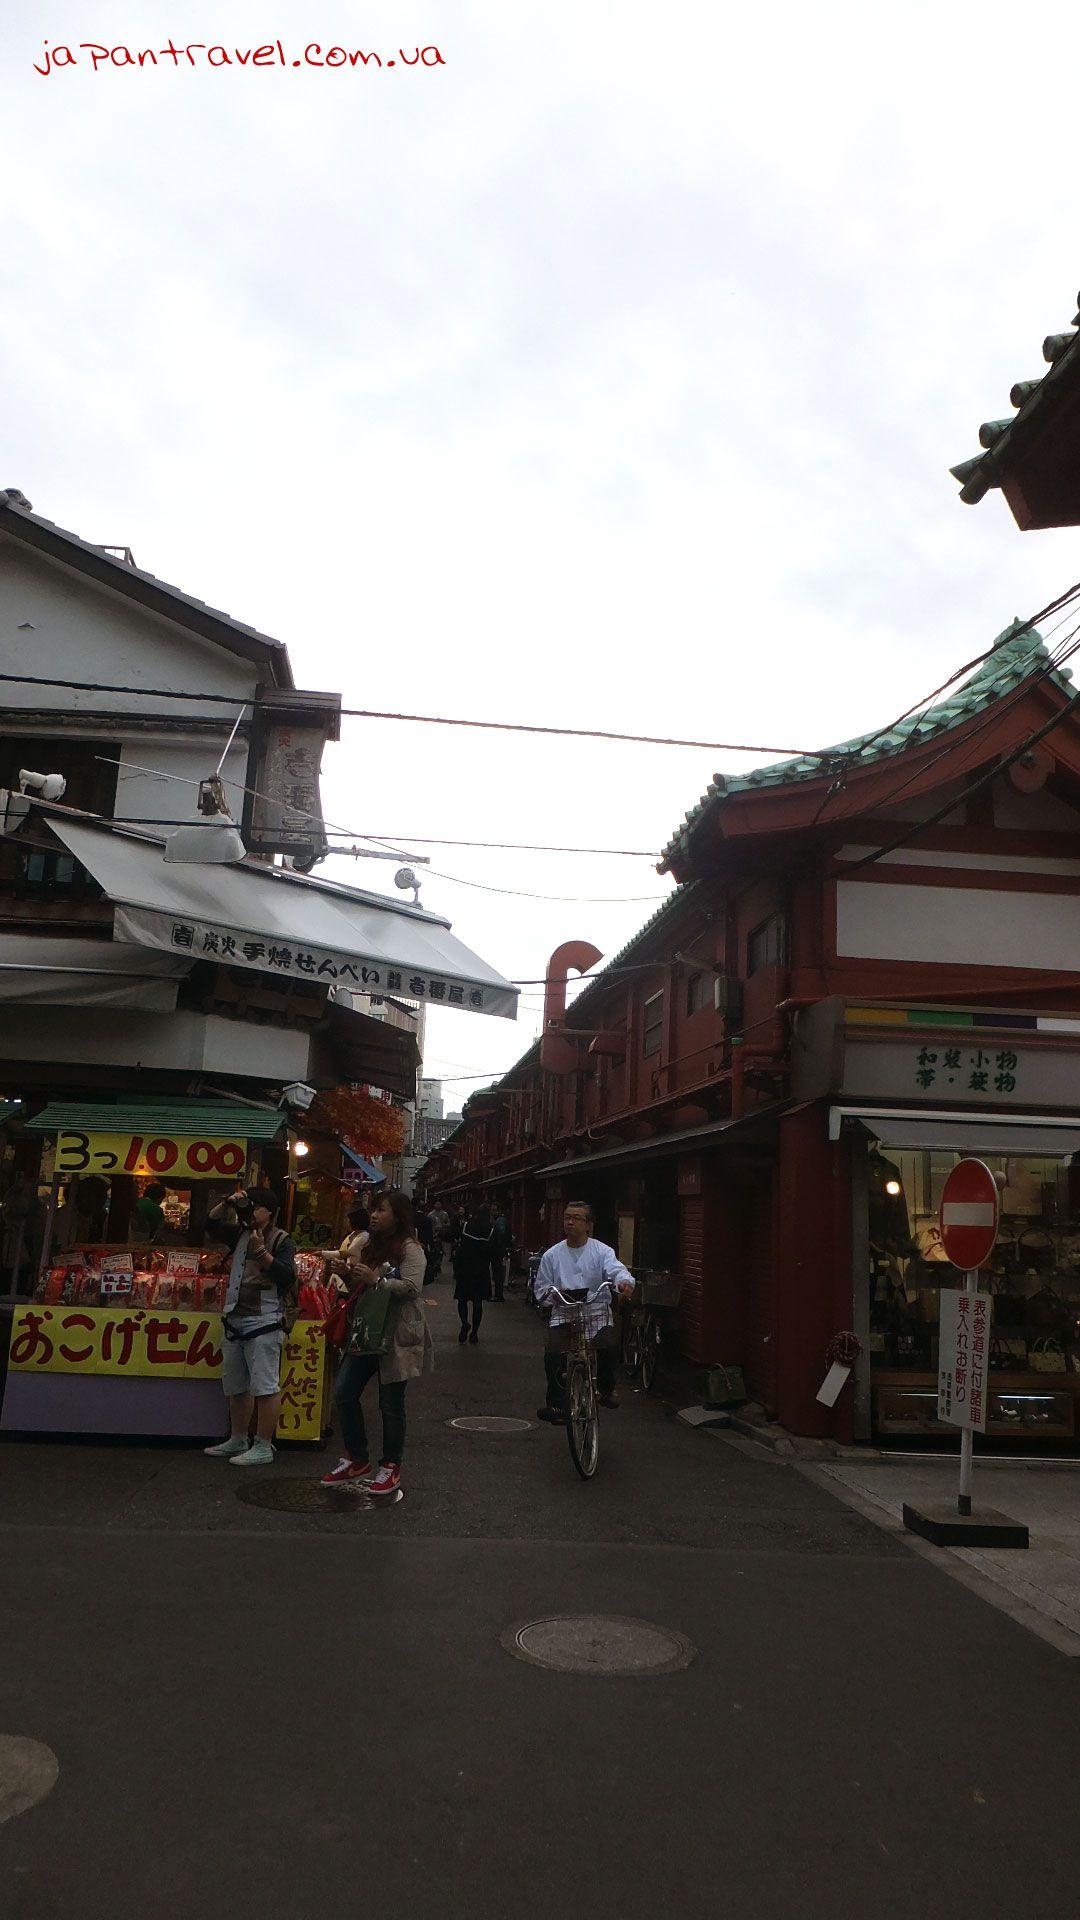 велосипед-токіо-японія-вулички-мандрівки-японією